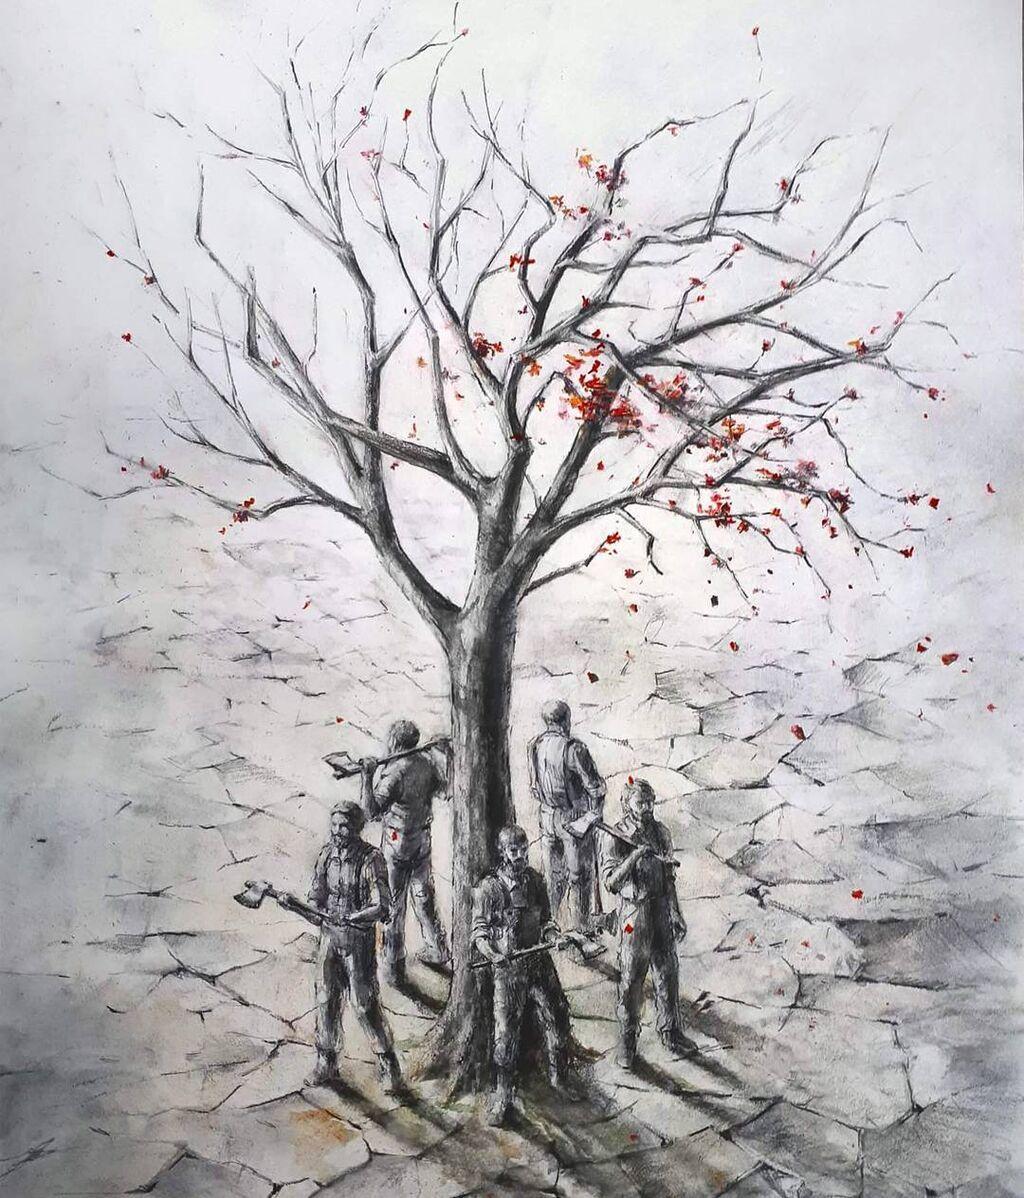 Obra del artista español Pejac 'Guardians'